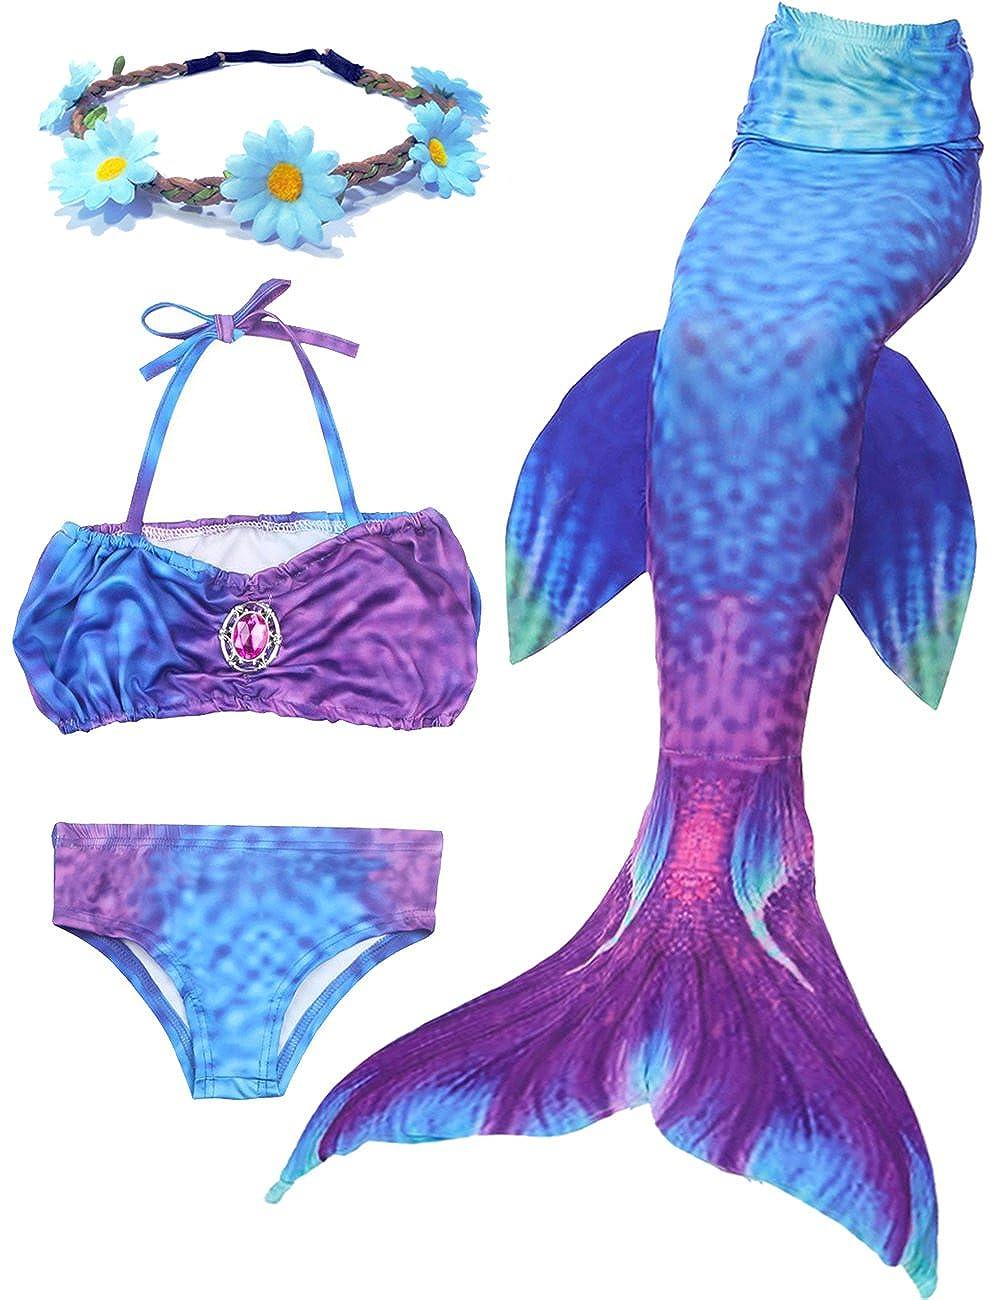 2018 Estate Della Sirena Ultimo Stile ali di Nuoto Ragazza Coda Mermaid Costume Da Bagno Di 3 Confortevoli Bikini Materiale Della tuta Libera invia Corona Bella